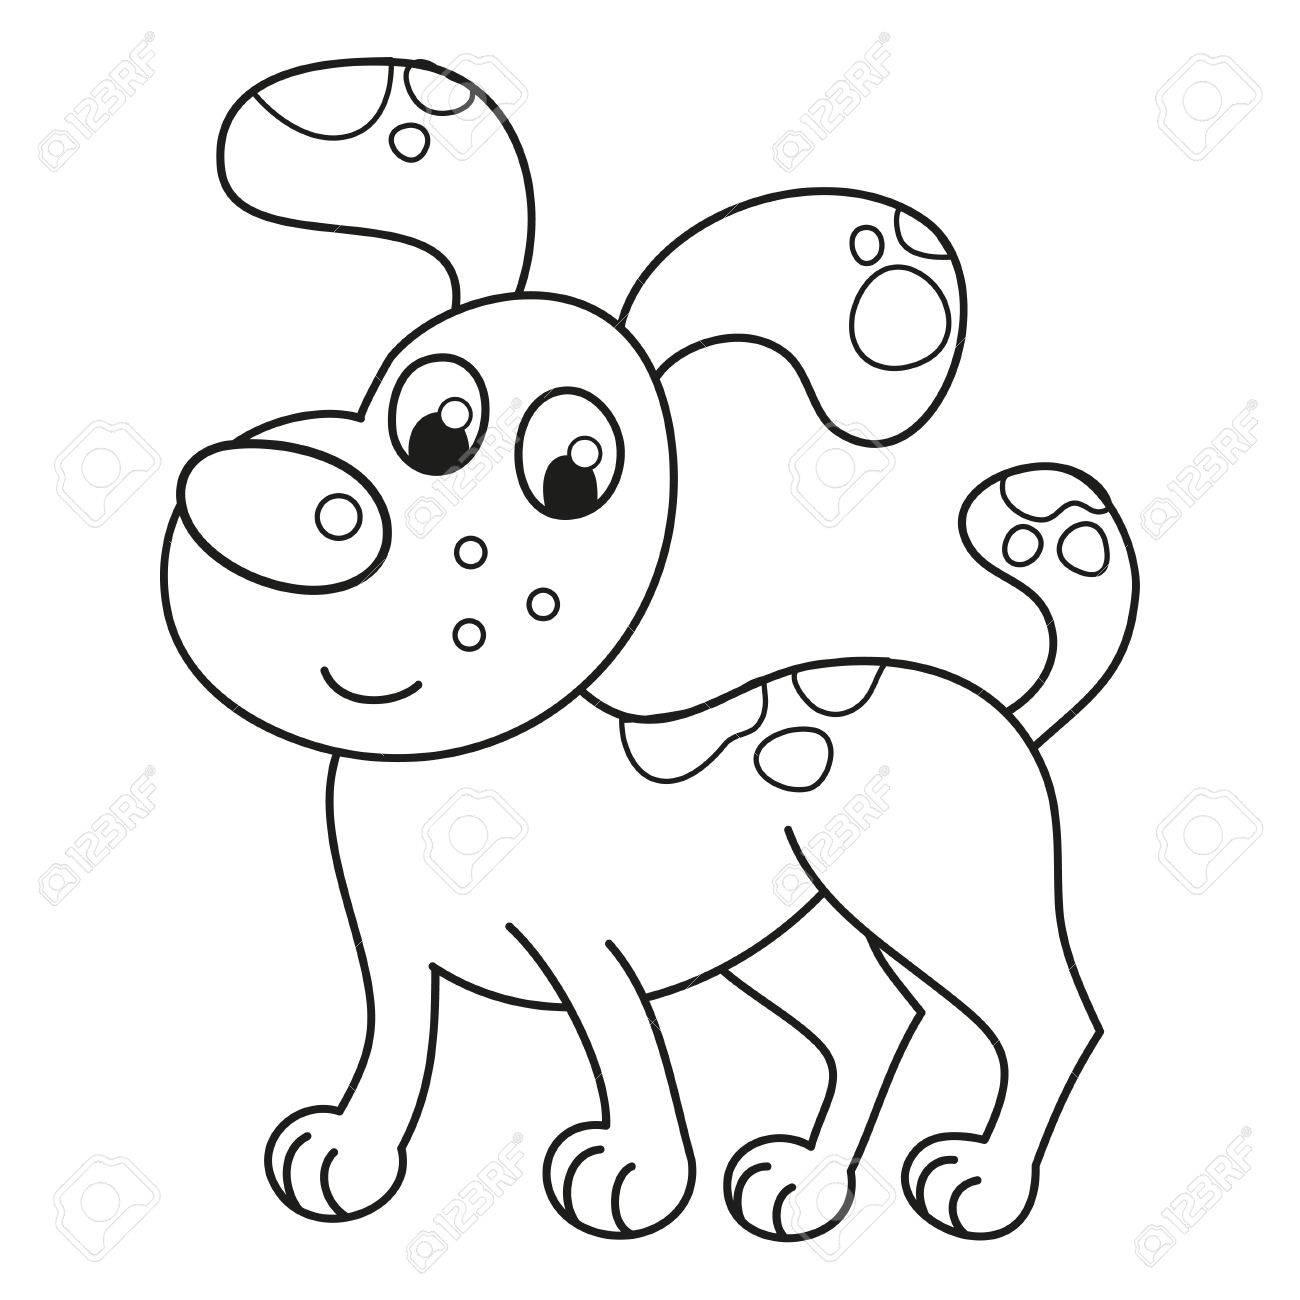 Historieta Sonriente Cachorro Irregular, Ilustración Vectorial De ...